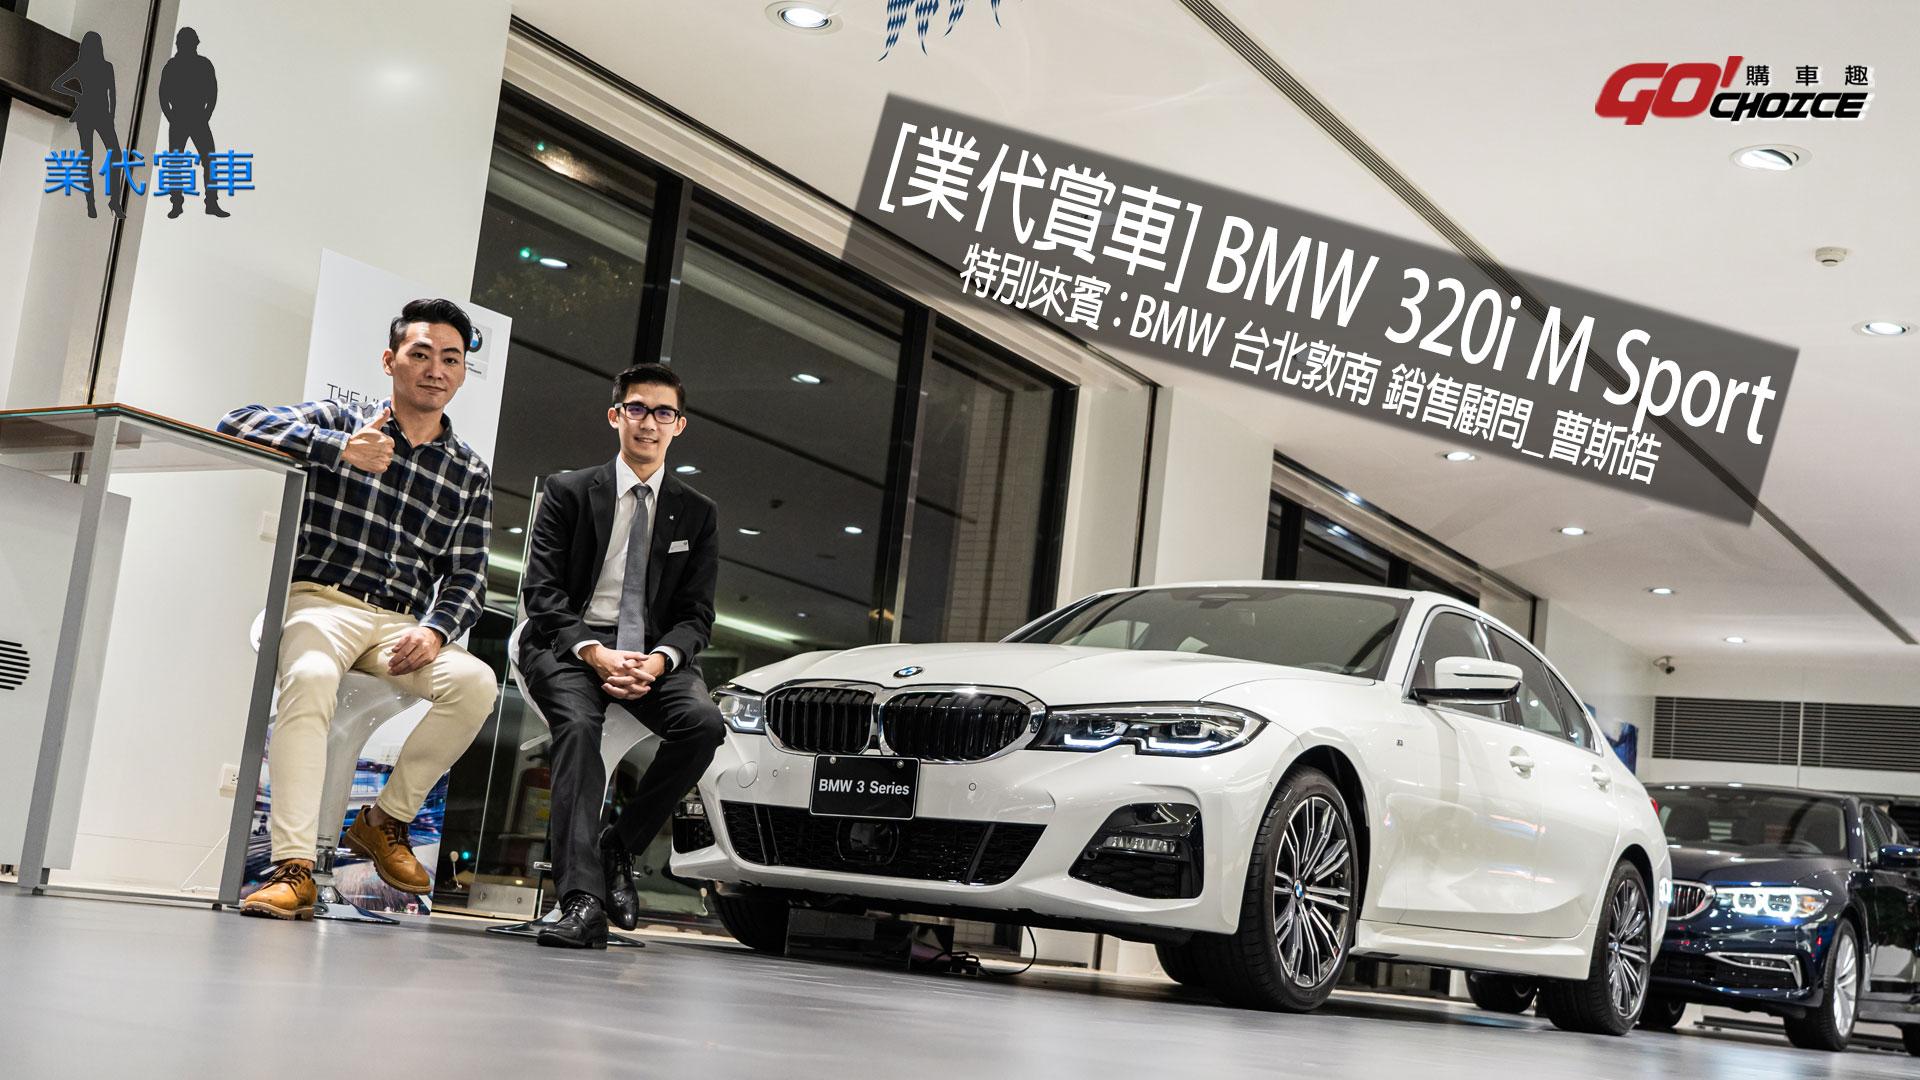 業代賞車-BMW 320i M Sport-BMW銷售顧問_曹斯皓